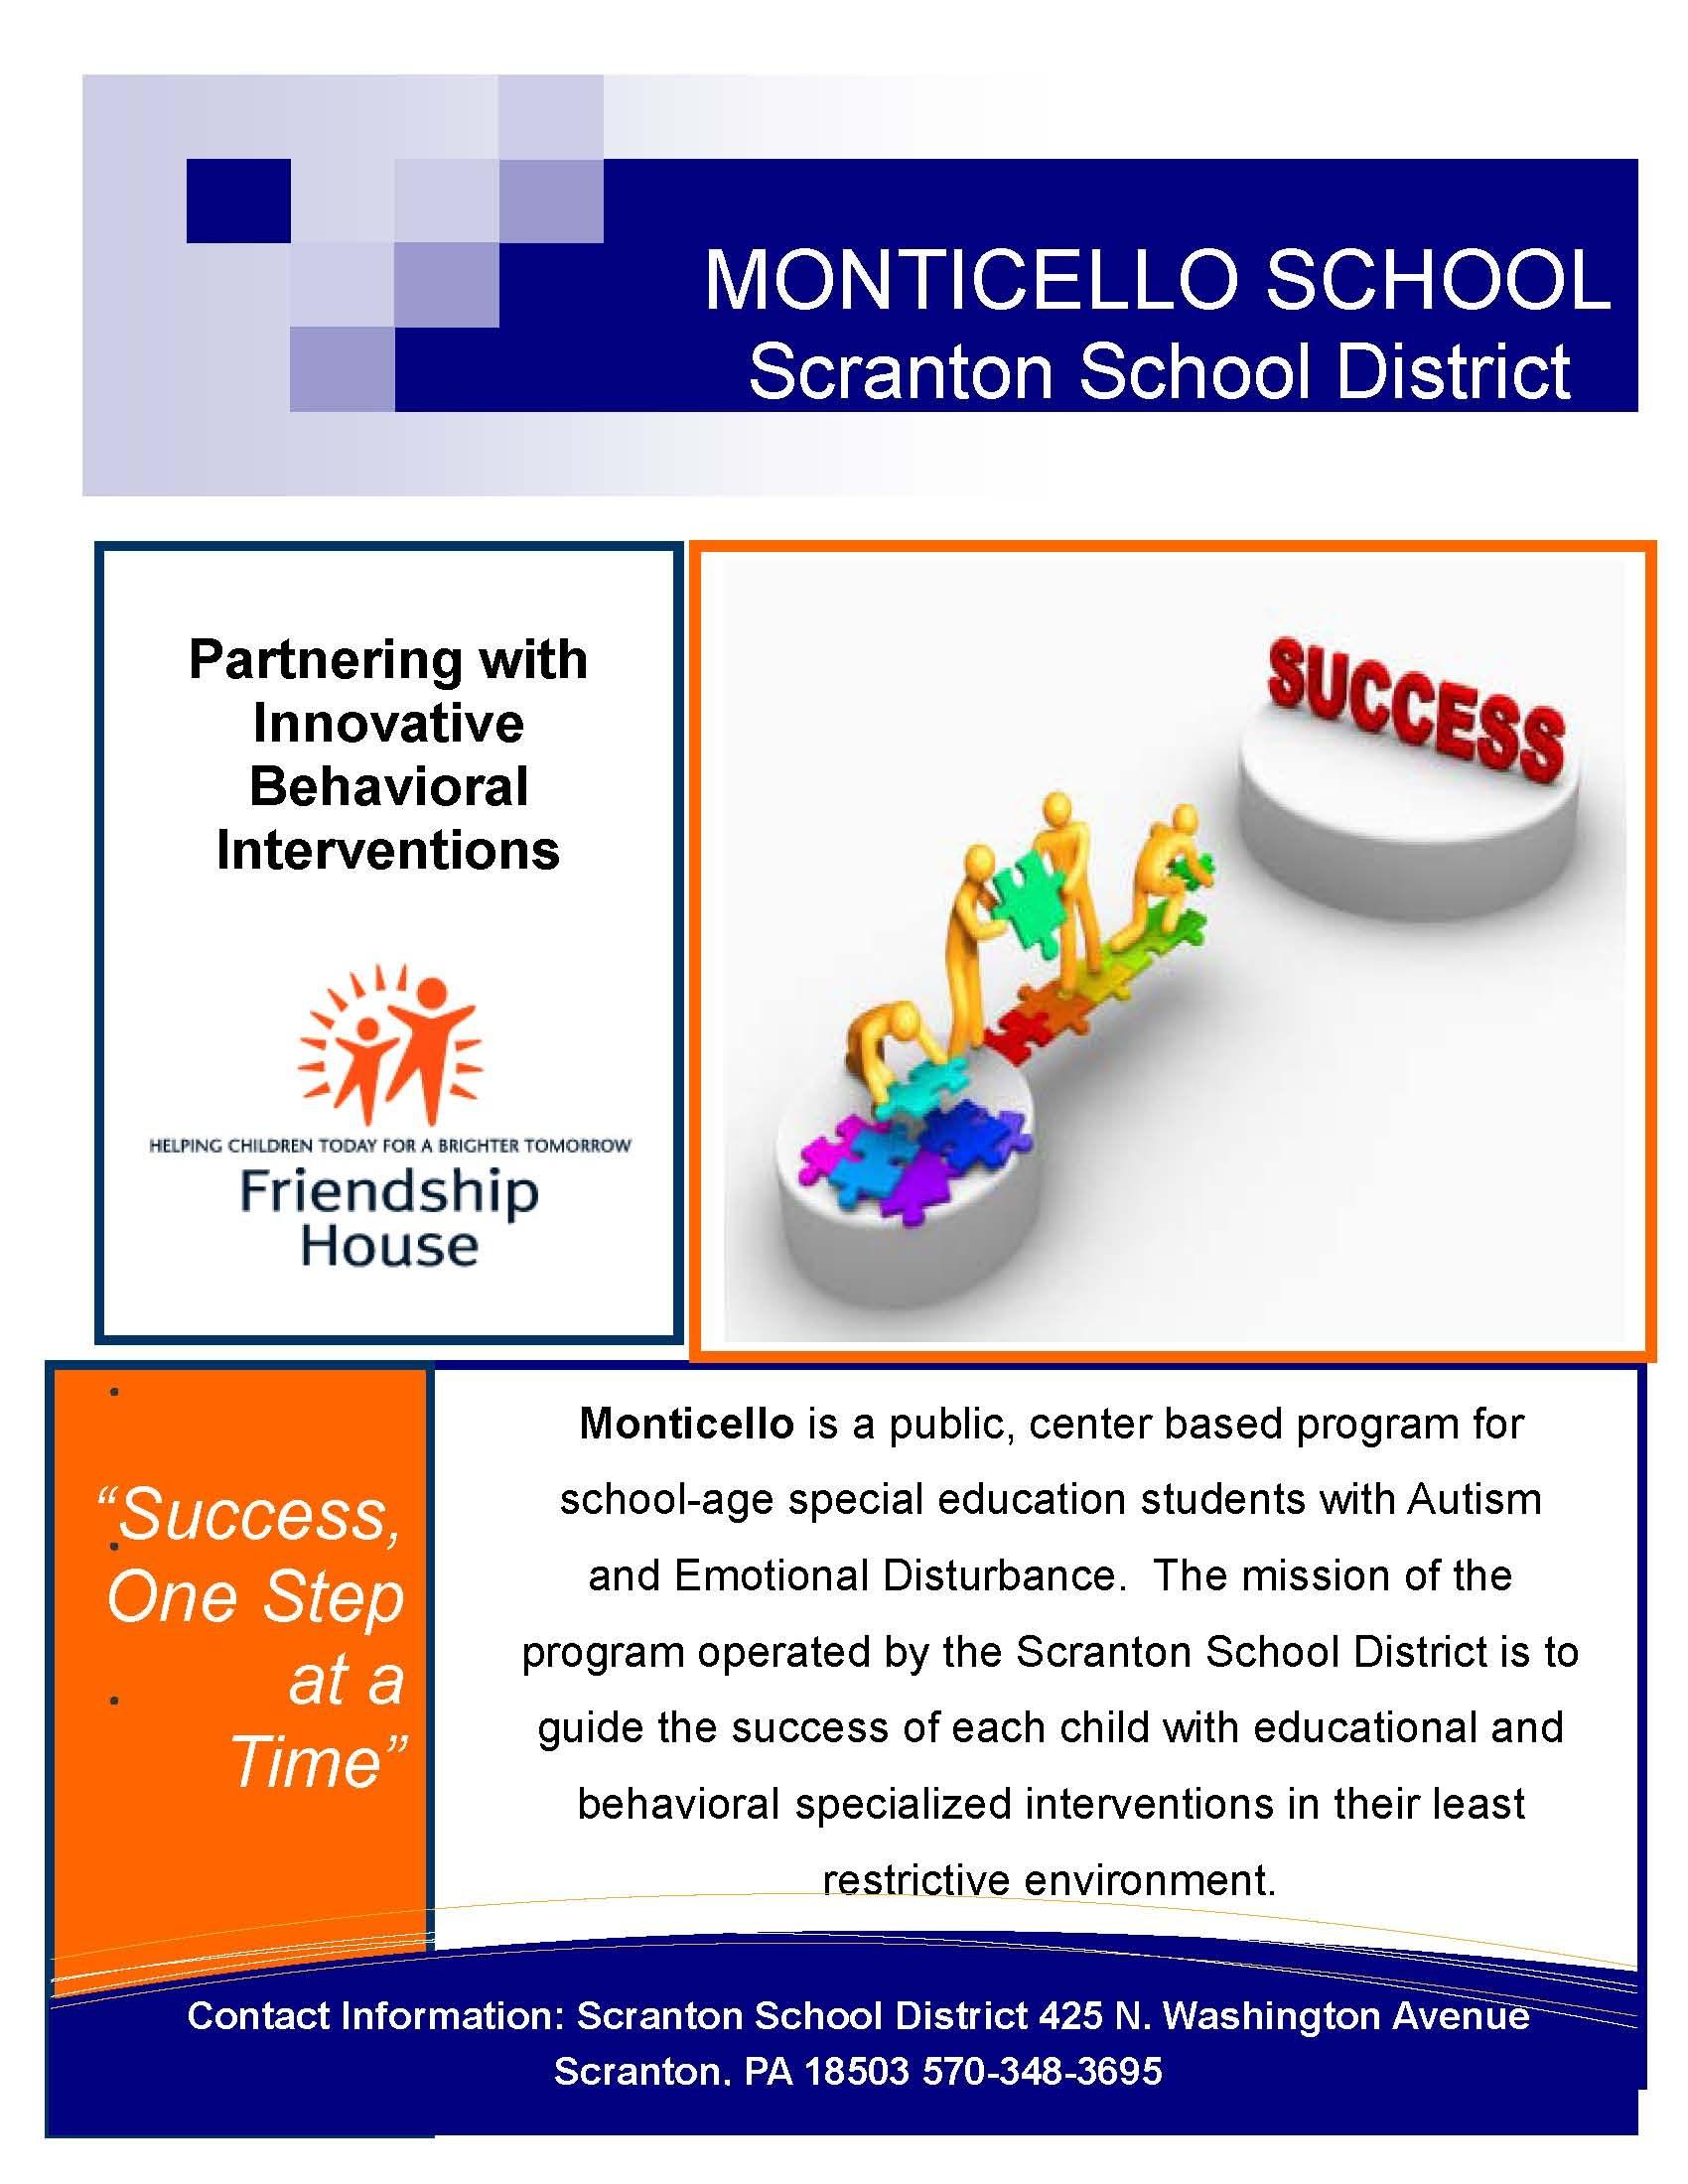 About Monticello School Scranton School District